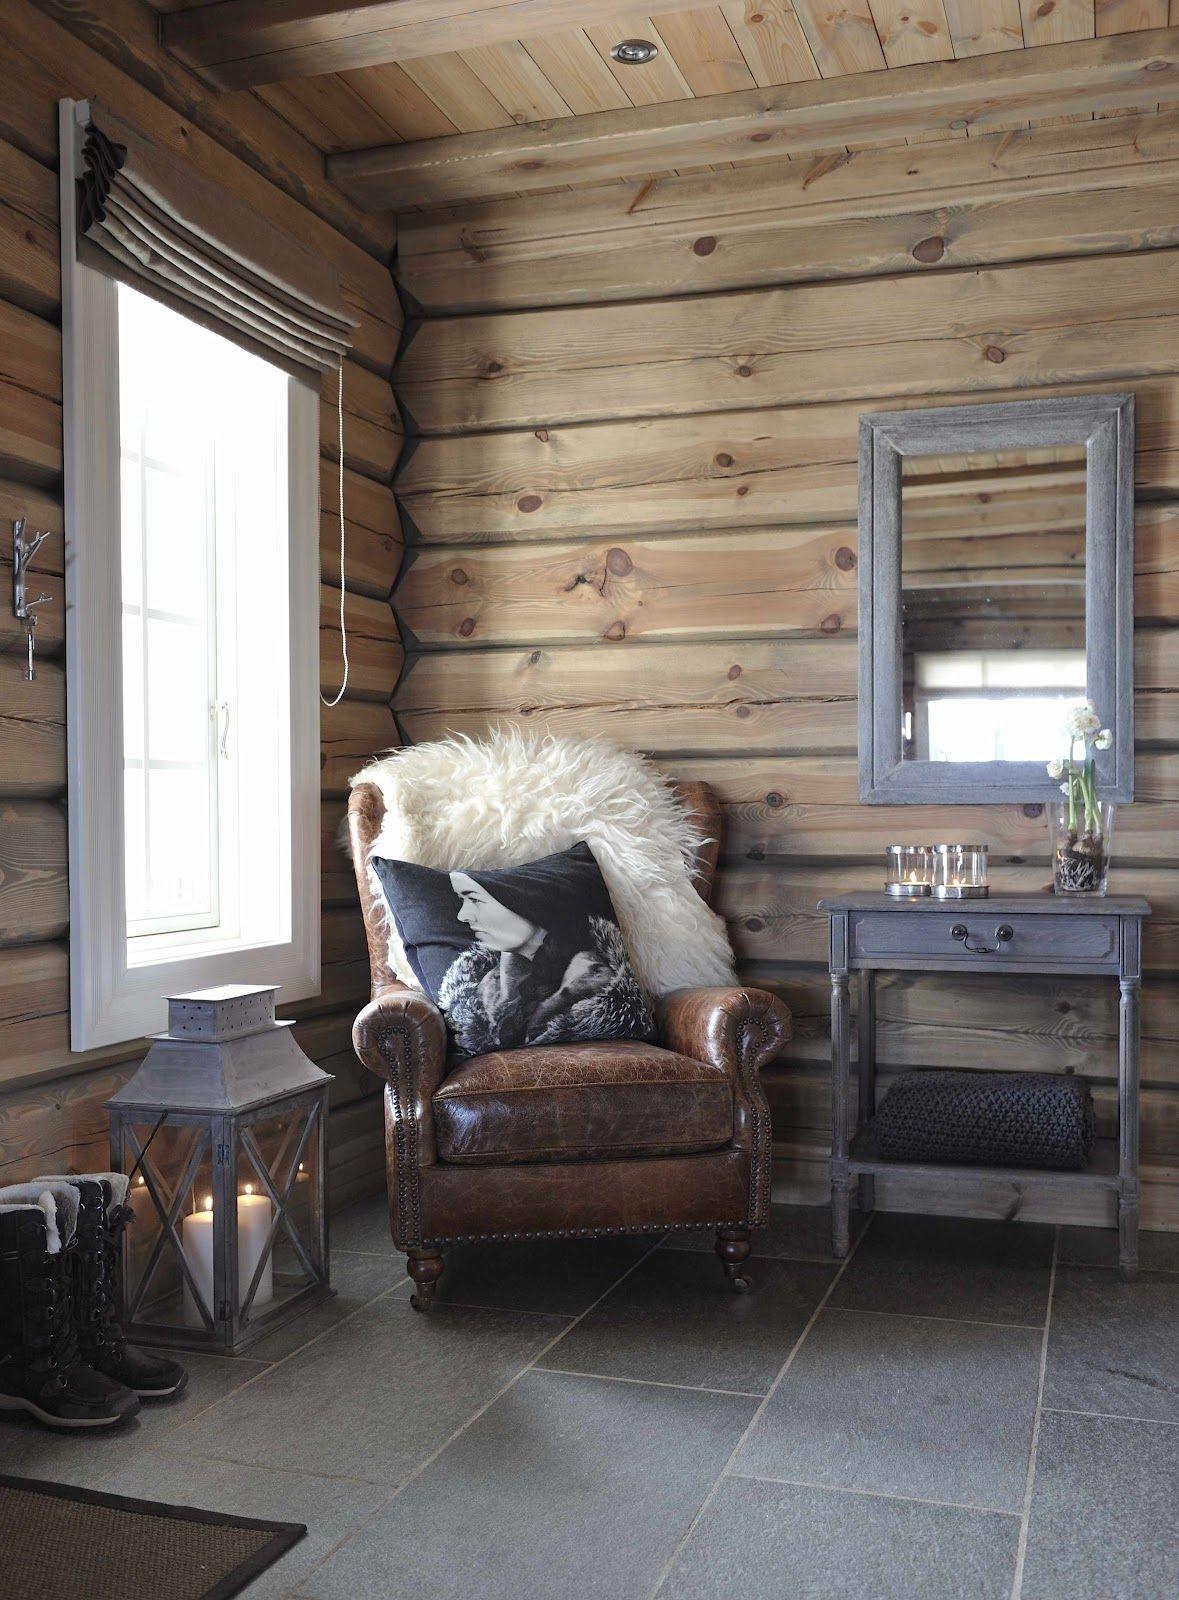 I vinterferien tok jeg bilder av denne vakre hytten. Det er en god venninne av meg som er interiørarkitekt som har innredet den, og jeg synes hun har gjort en fantastisk jobb, masse spennende detaljer og utrolig gjennomført. Elsker fargene hun har brukt både i interiøret og ikke minst på tømmerveggene både inne og ute. …